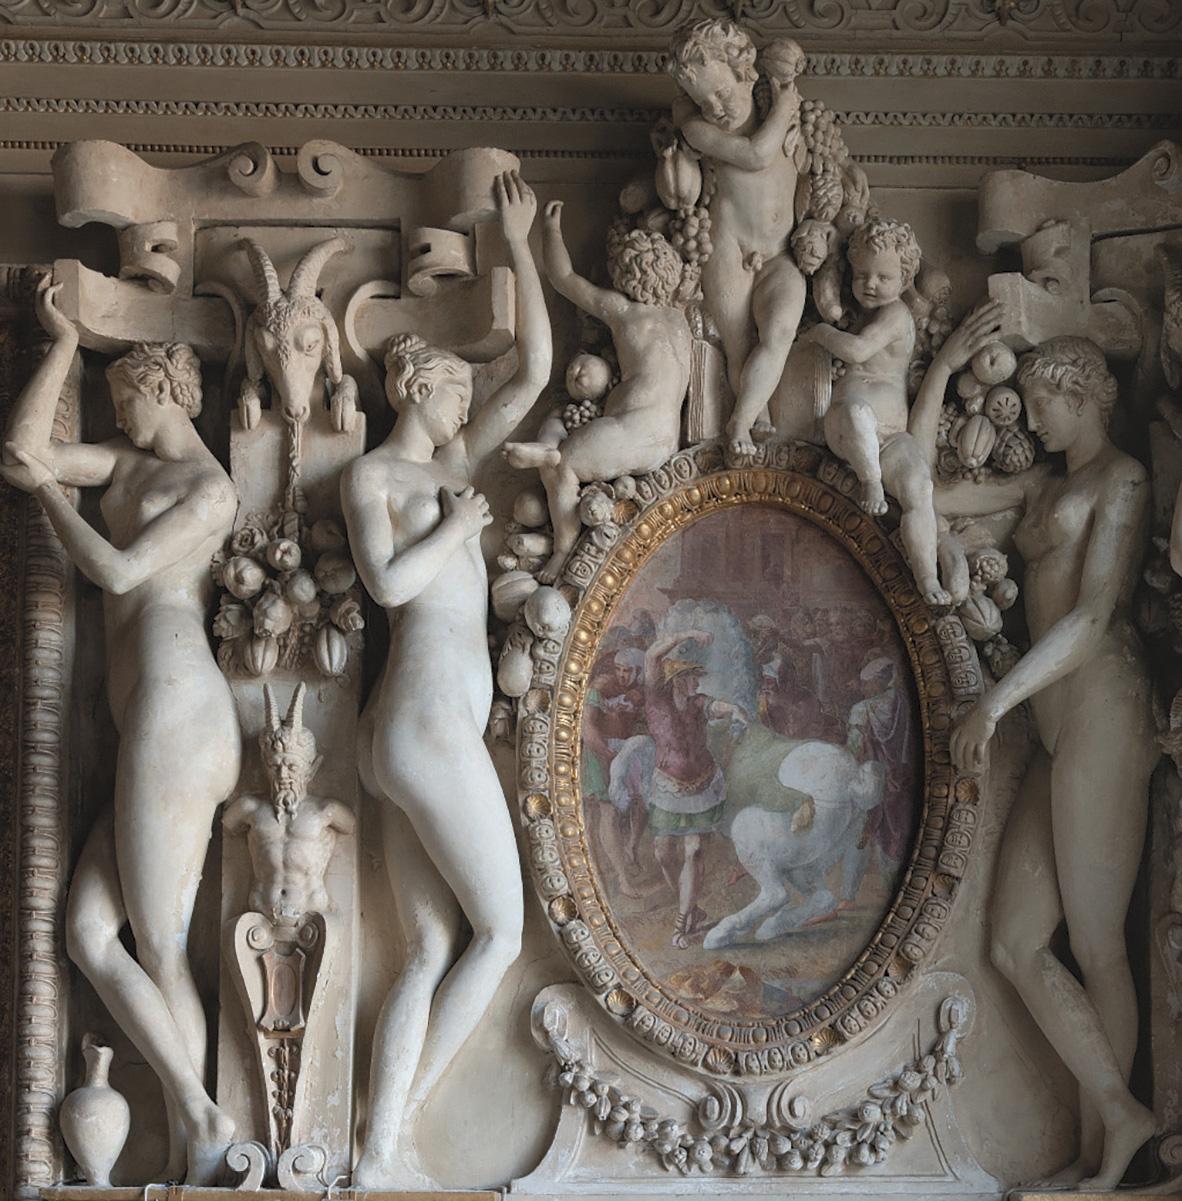 Le décor de la chambre de la duchesse d'Étampes, château de Fontainebleau (détail). © B. Lecuyer-Bibal